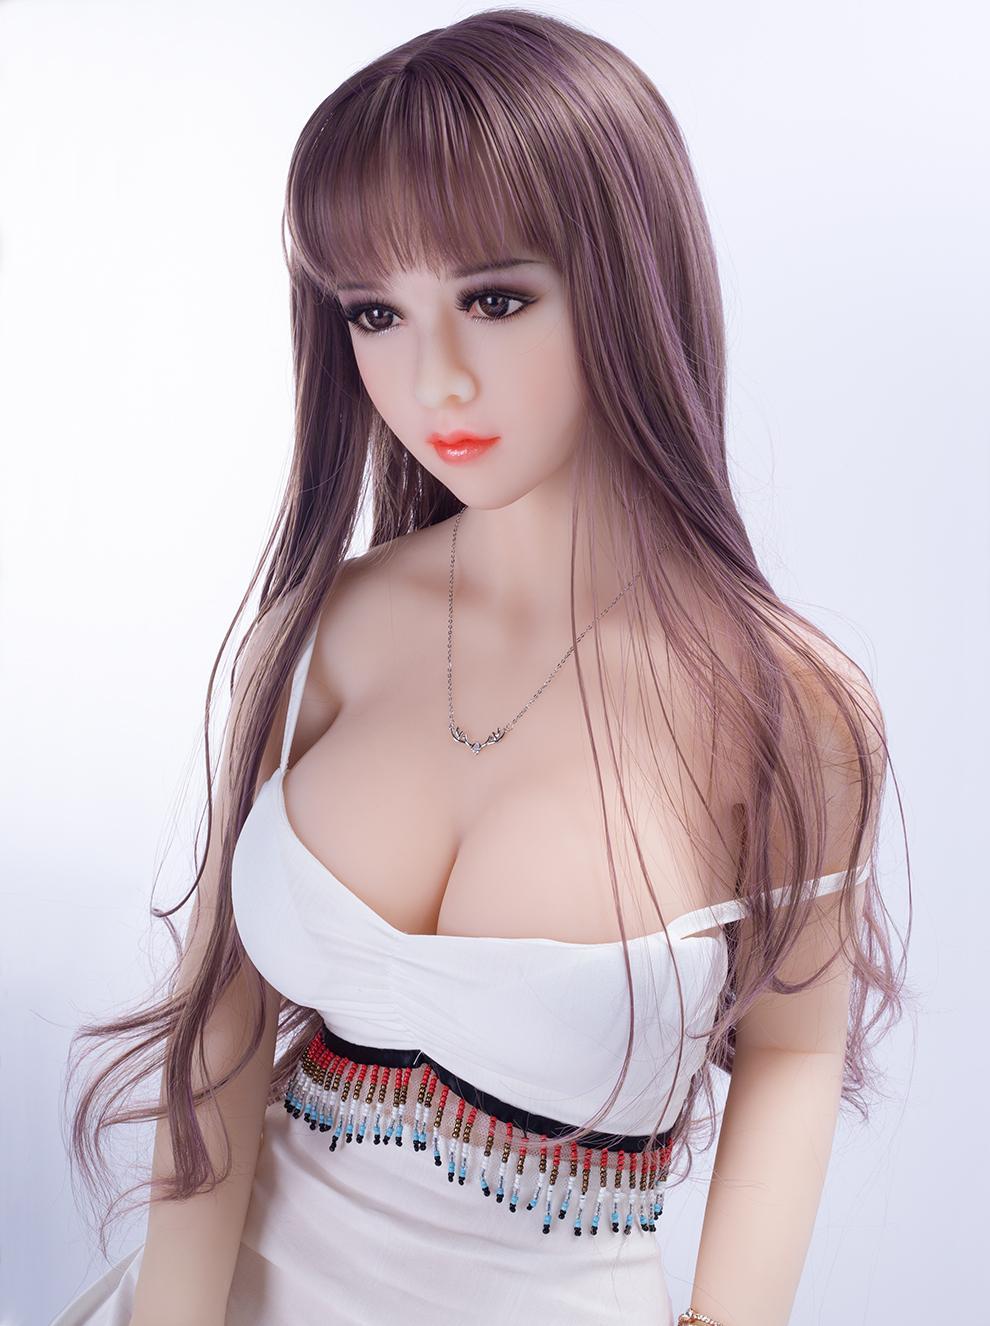 165 cm Yarım Katı Japon Kauçuk Kadınlar Gerçek Silikon Seks Bebek Büyük Göğüs Yetişkin Ürünleri Erkekler Için Mastürbasyon